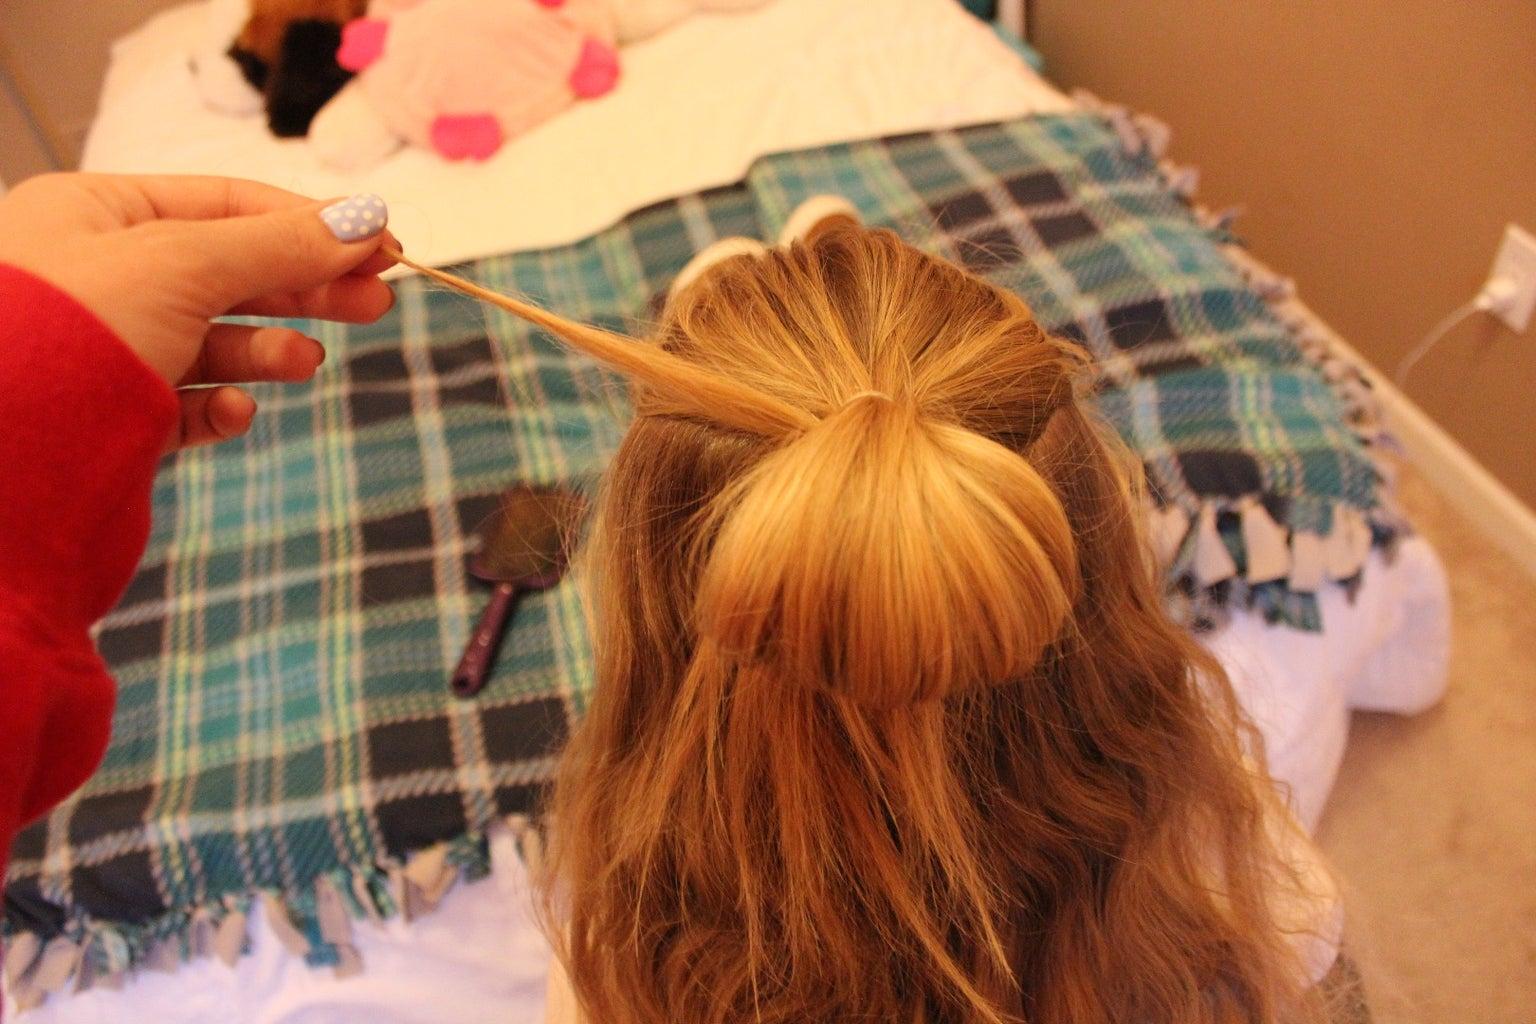 Hair Wrap the Bun